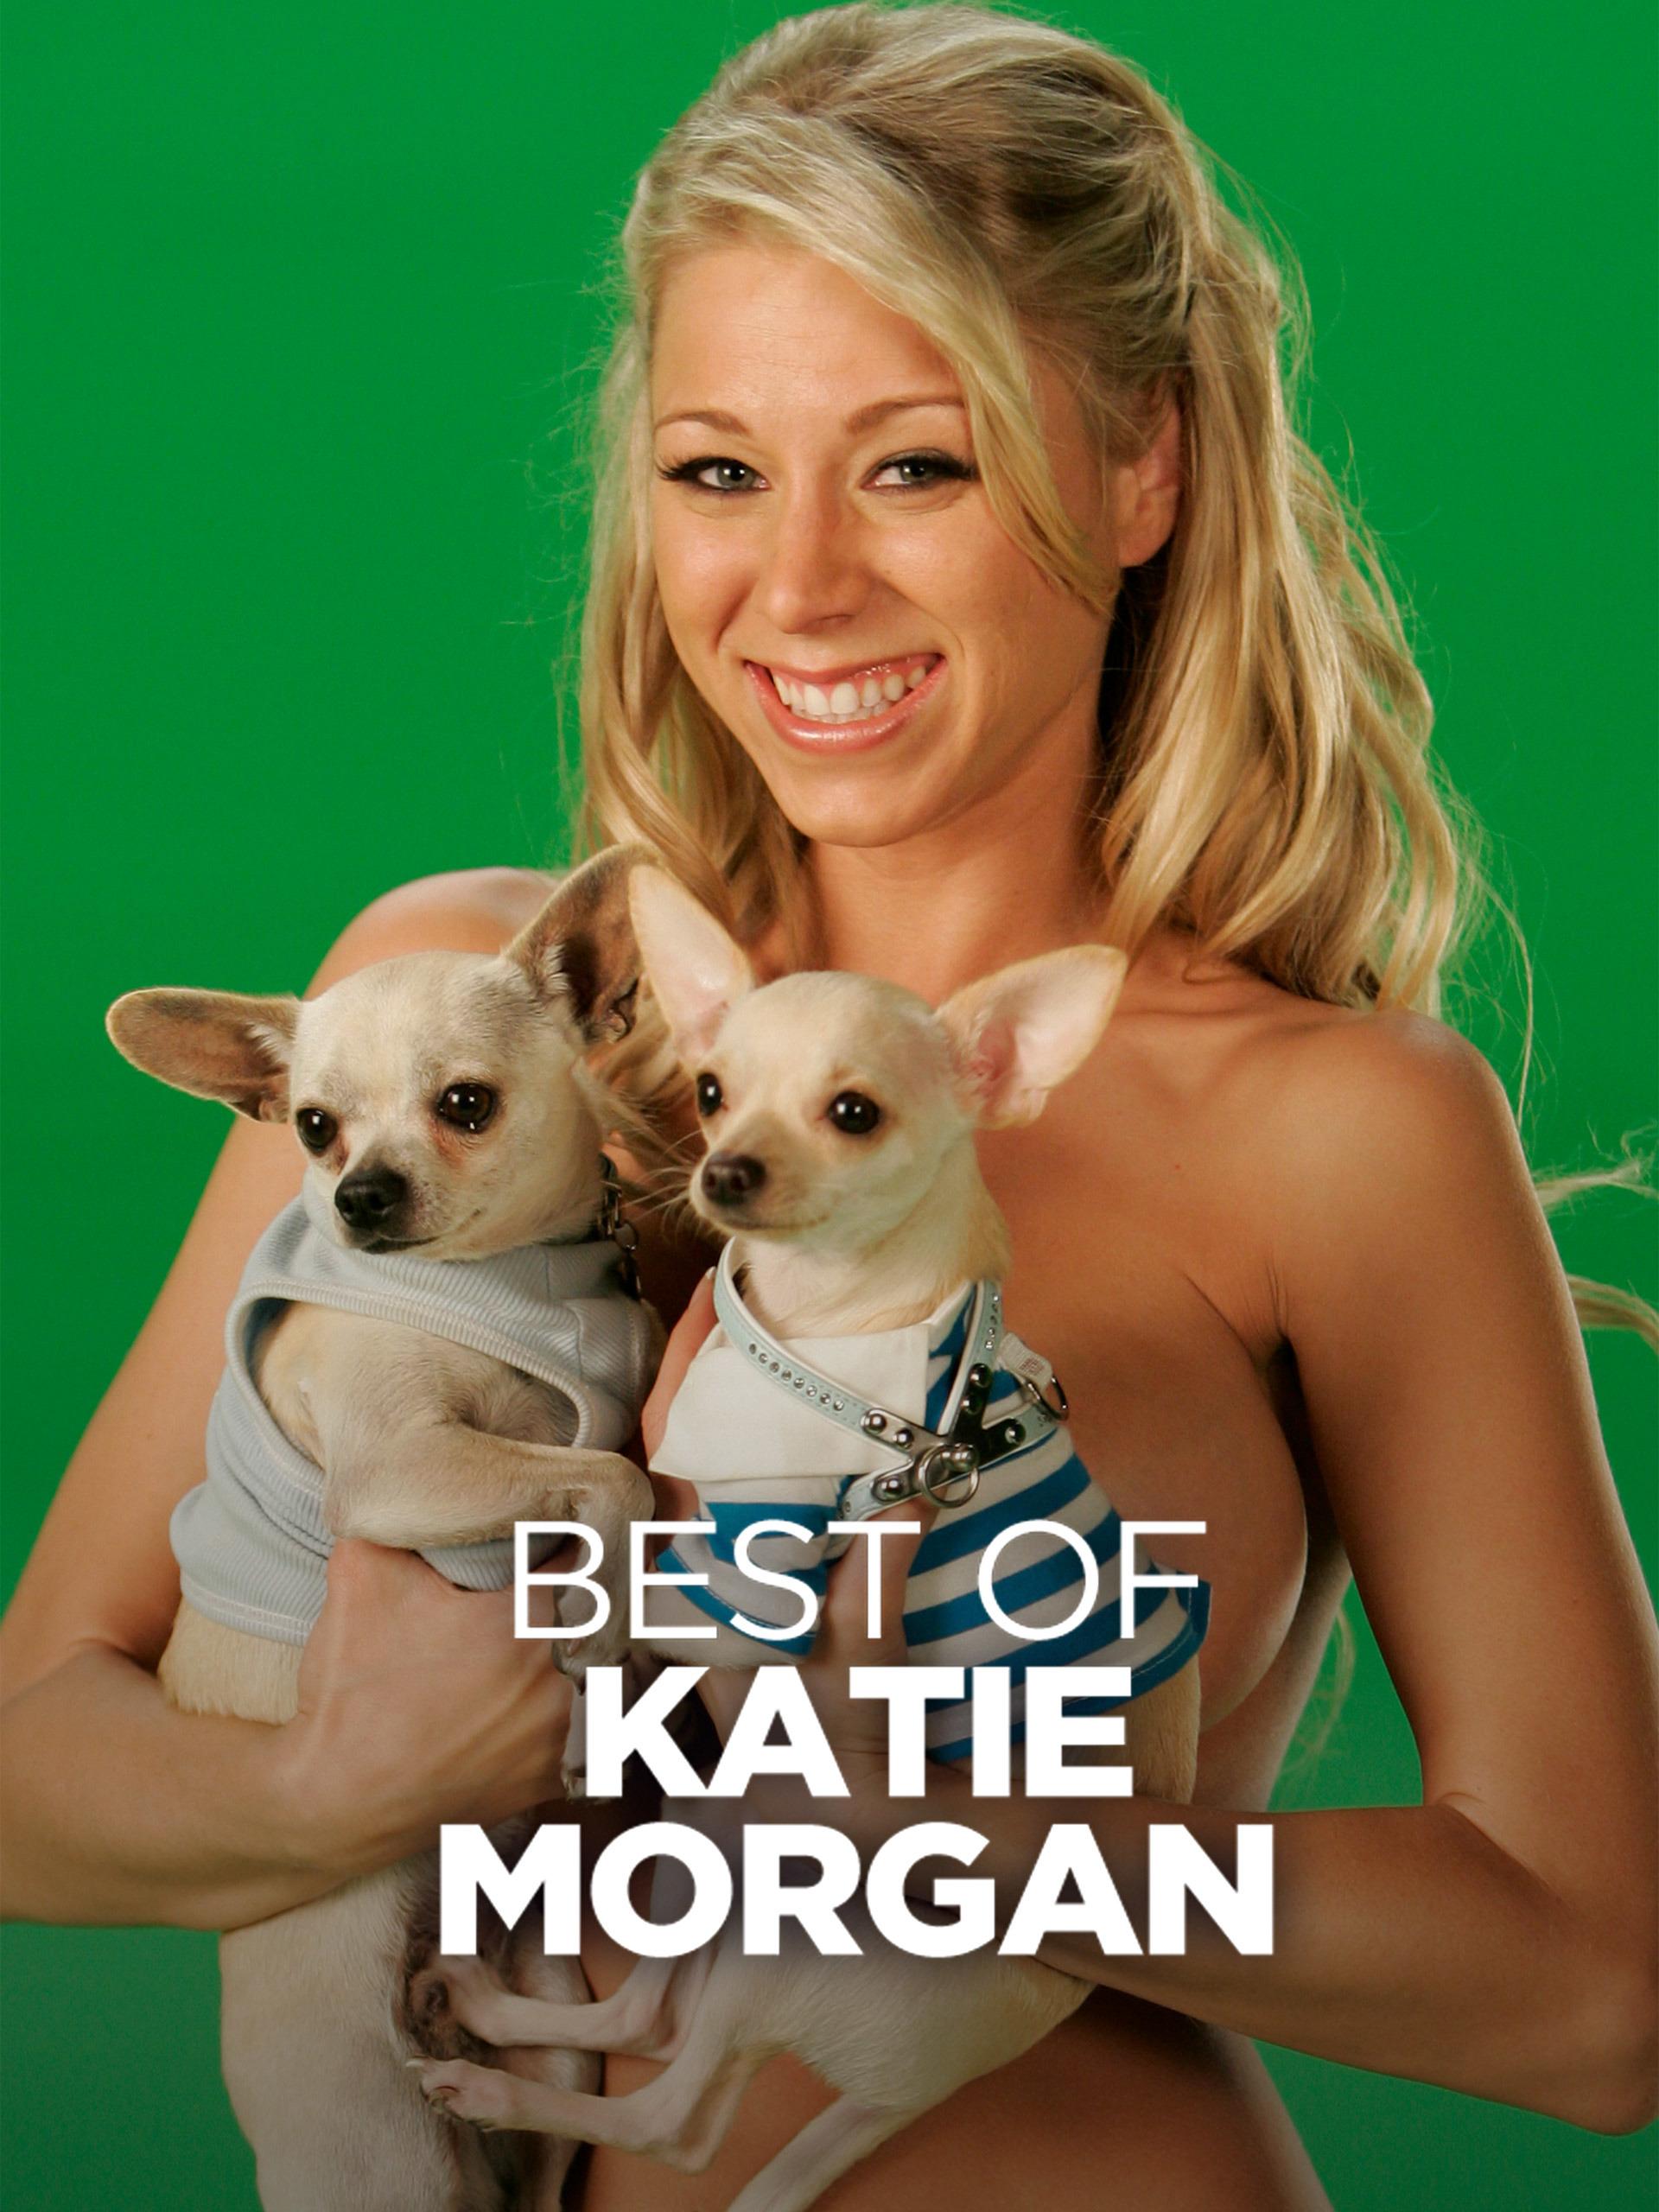 The Best Of Katie Morgan